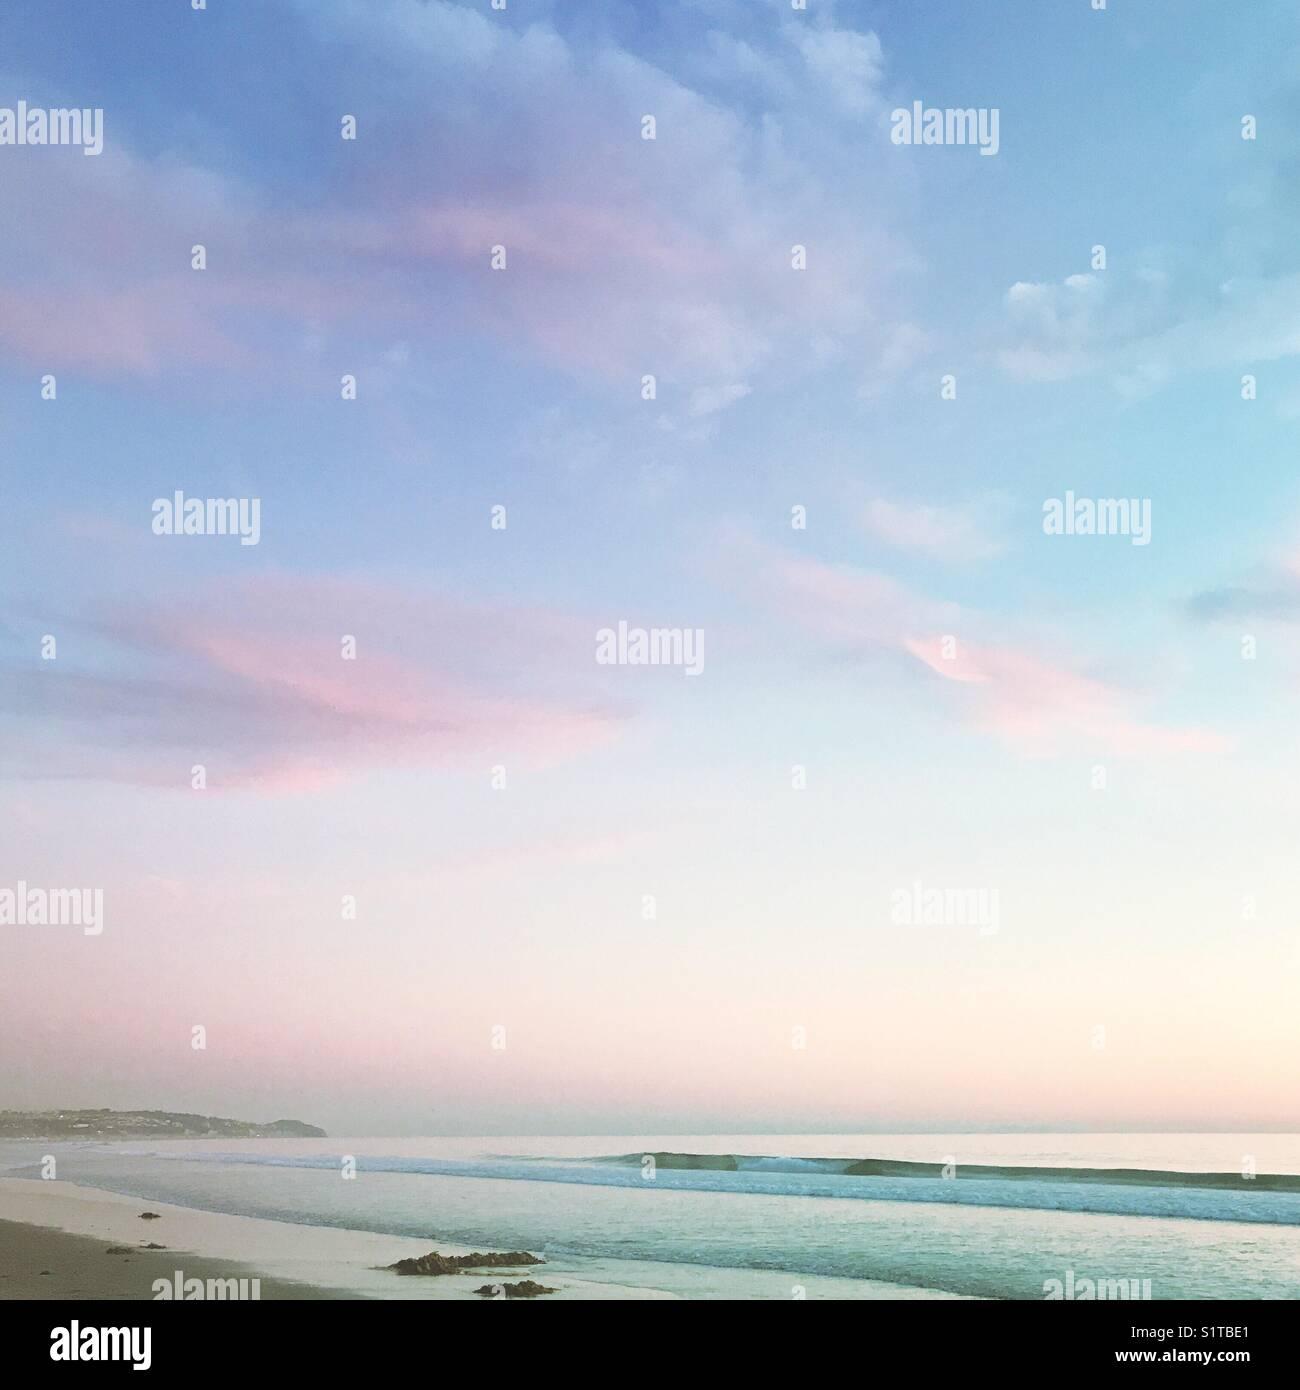 Rosa und Blau pastell Himmel und Meer Strand Landschaft stummgeschaltet. Stockbild